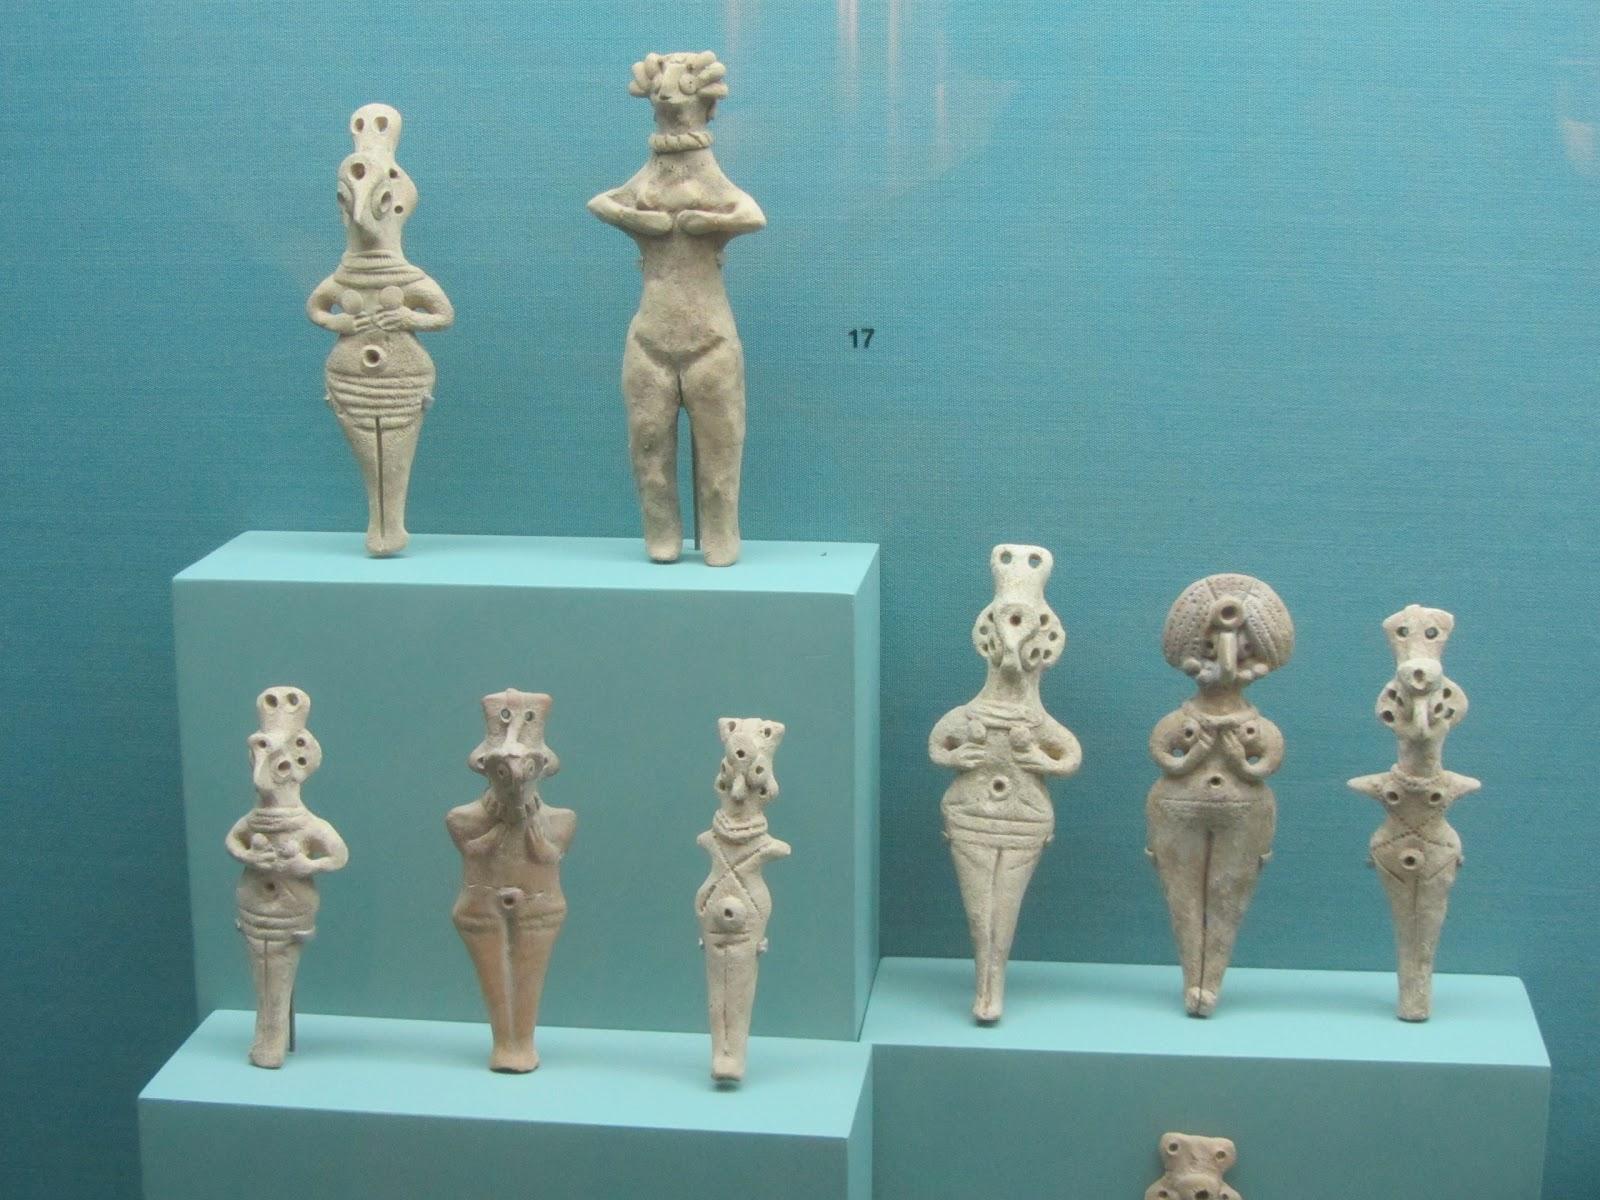 上图:以色列出土的家神(Teraphim),现藏于耶路撒冷圣经之地博物馆(Bible Lands Museum)。